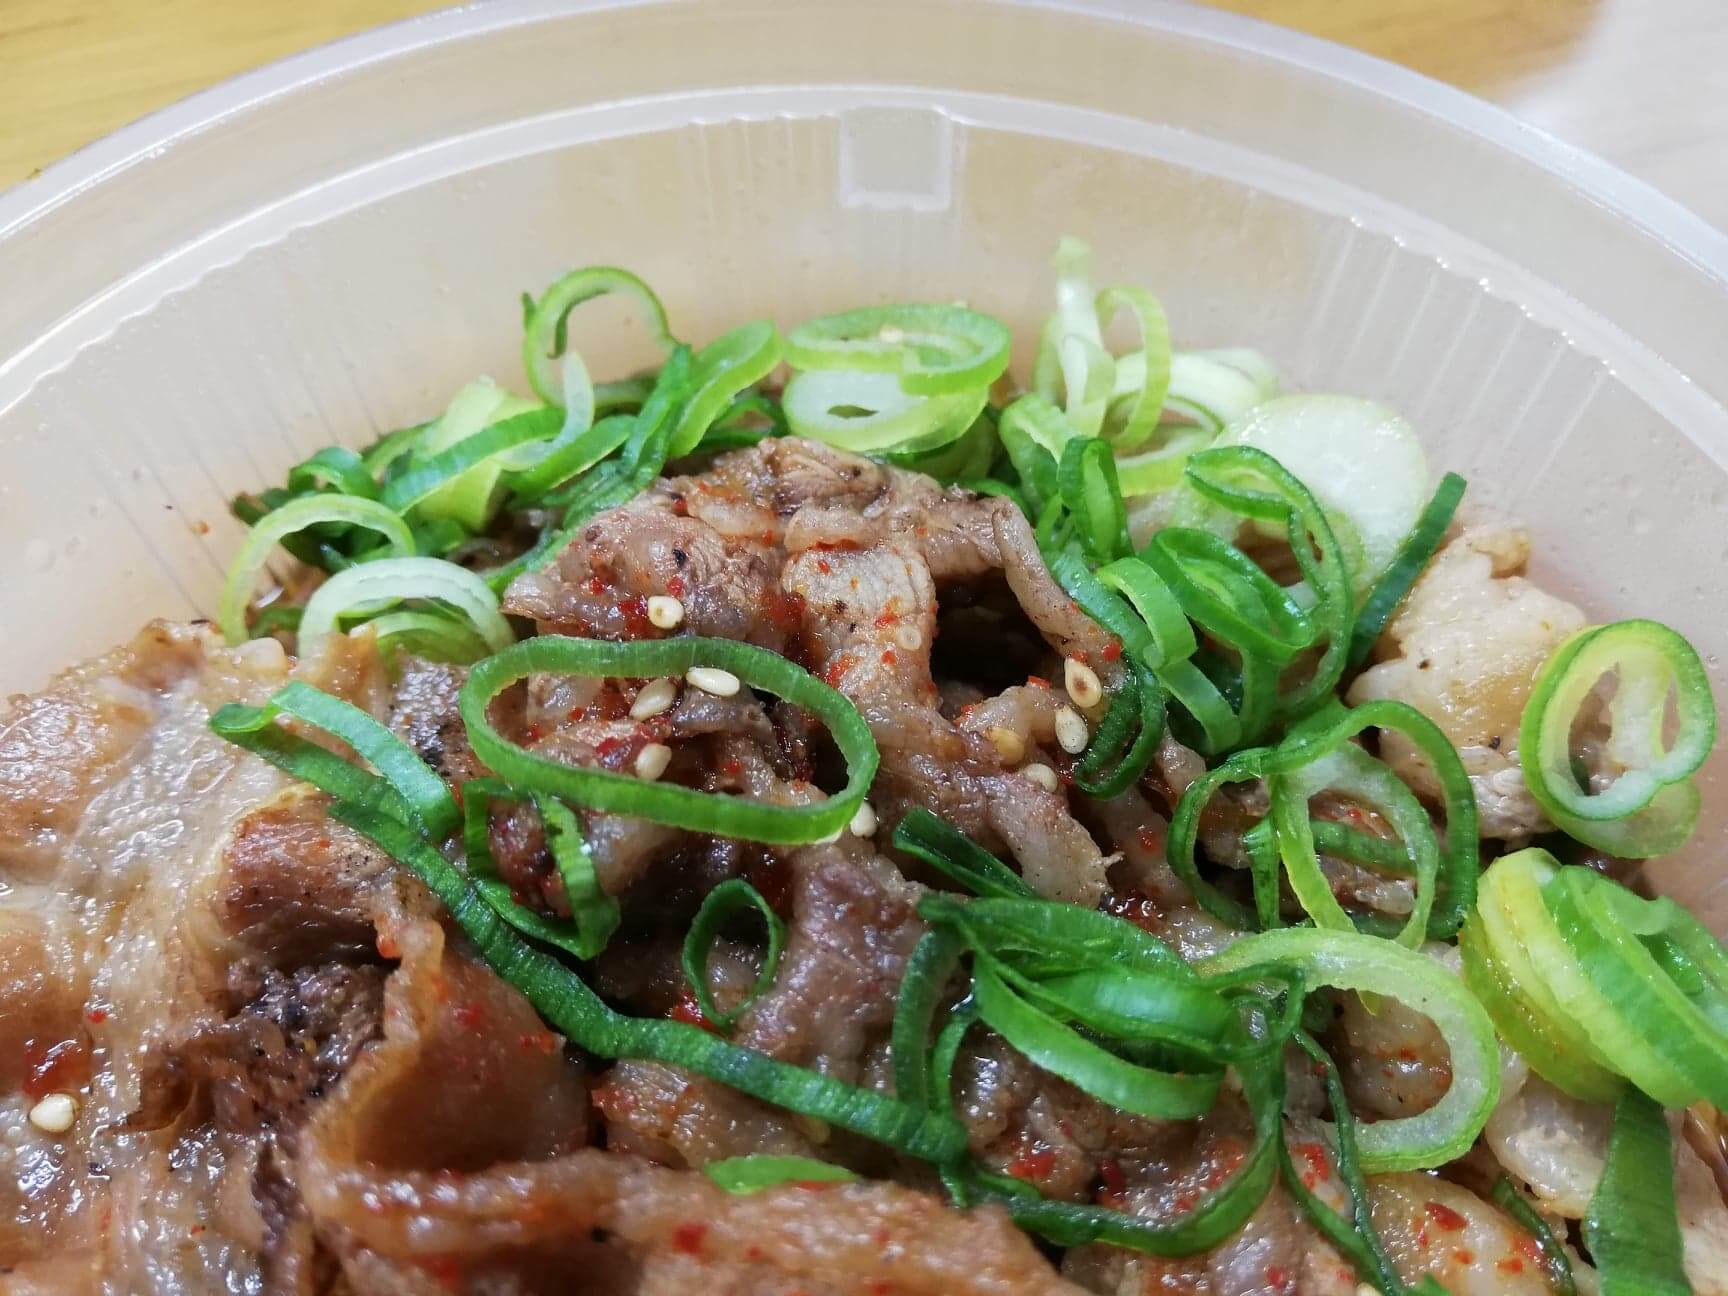 松屋のテイクアウト限定『おかずトリオ』のお肉たっぷり焼き牛めし皿の写真